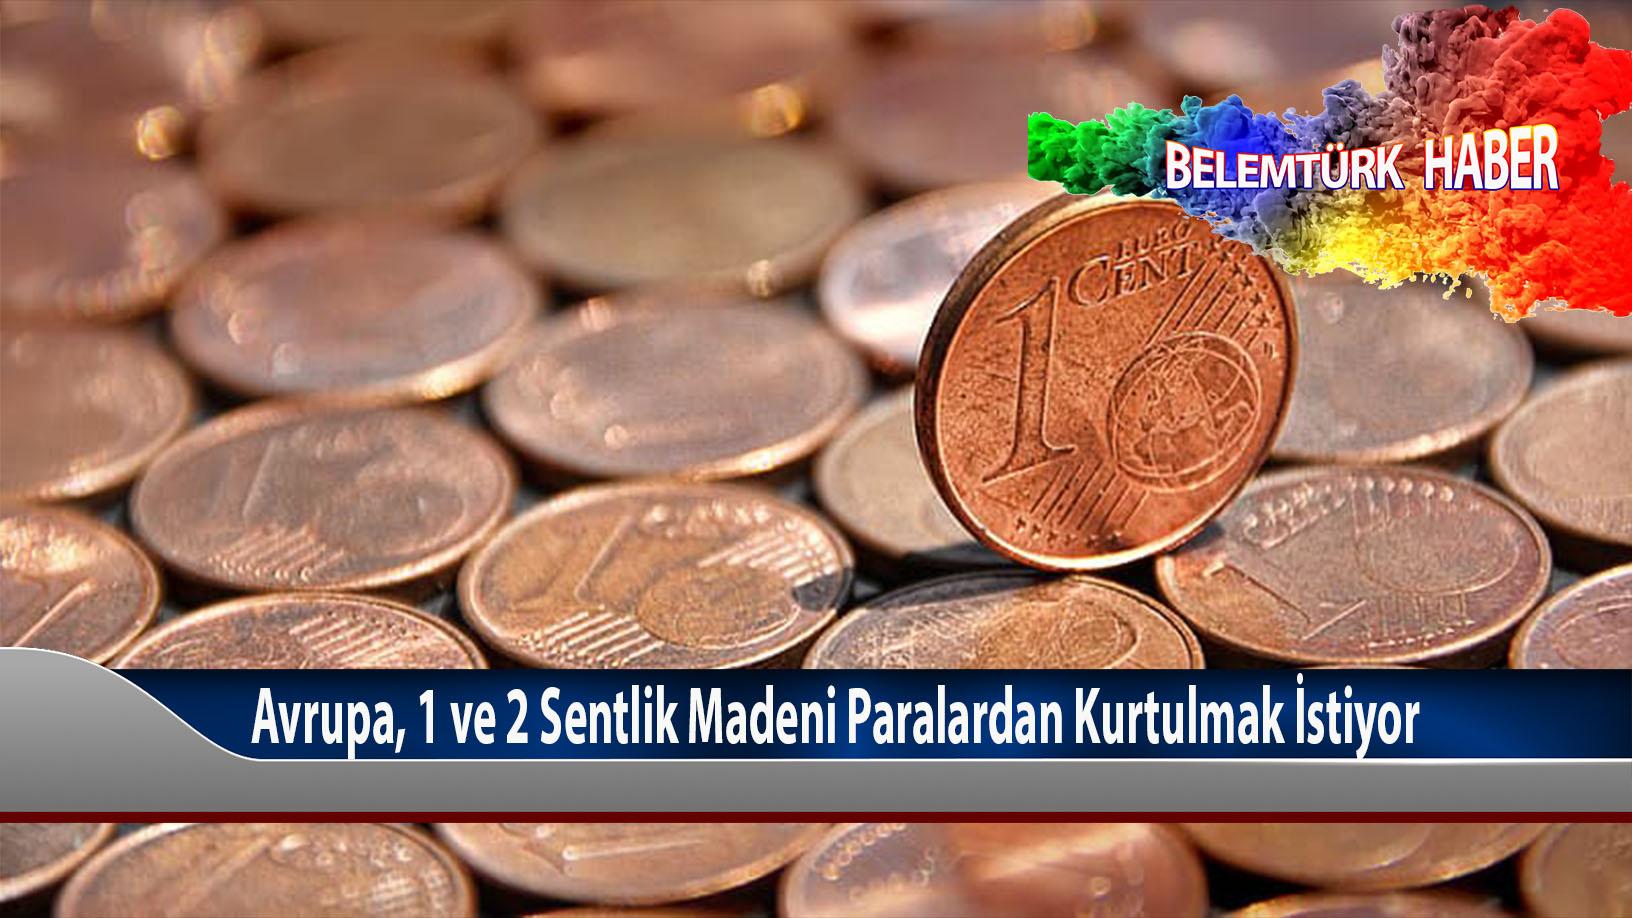 Avrupa, 1 ve 2 sent paralardan kurtulmak istiyor